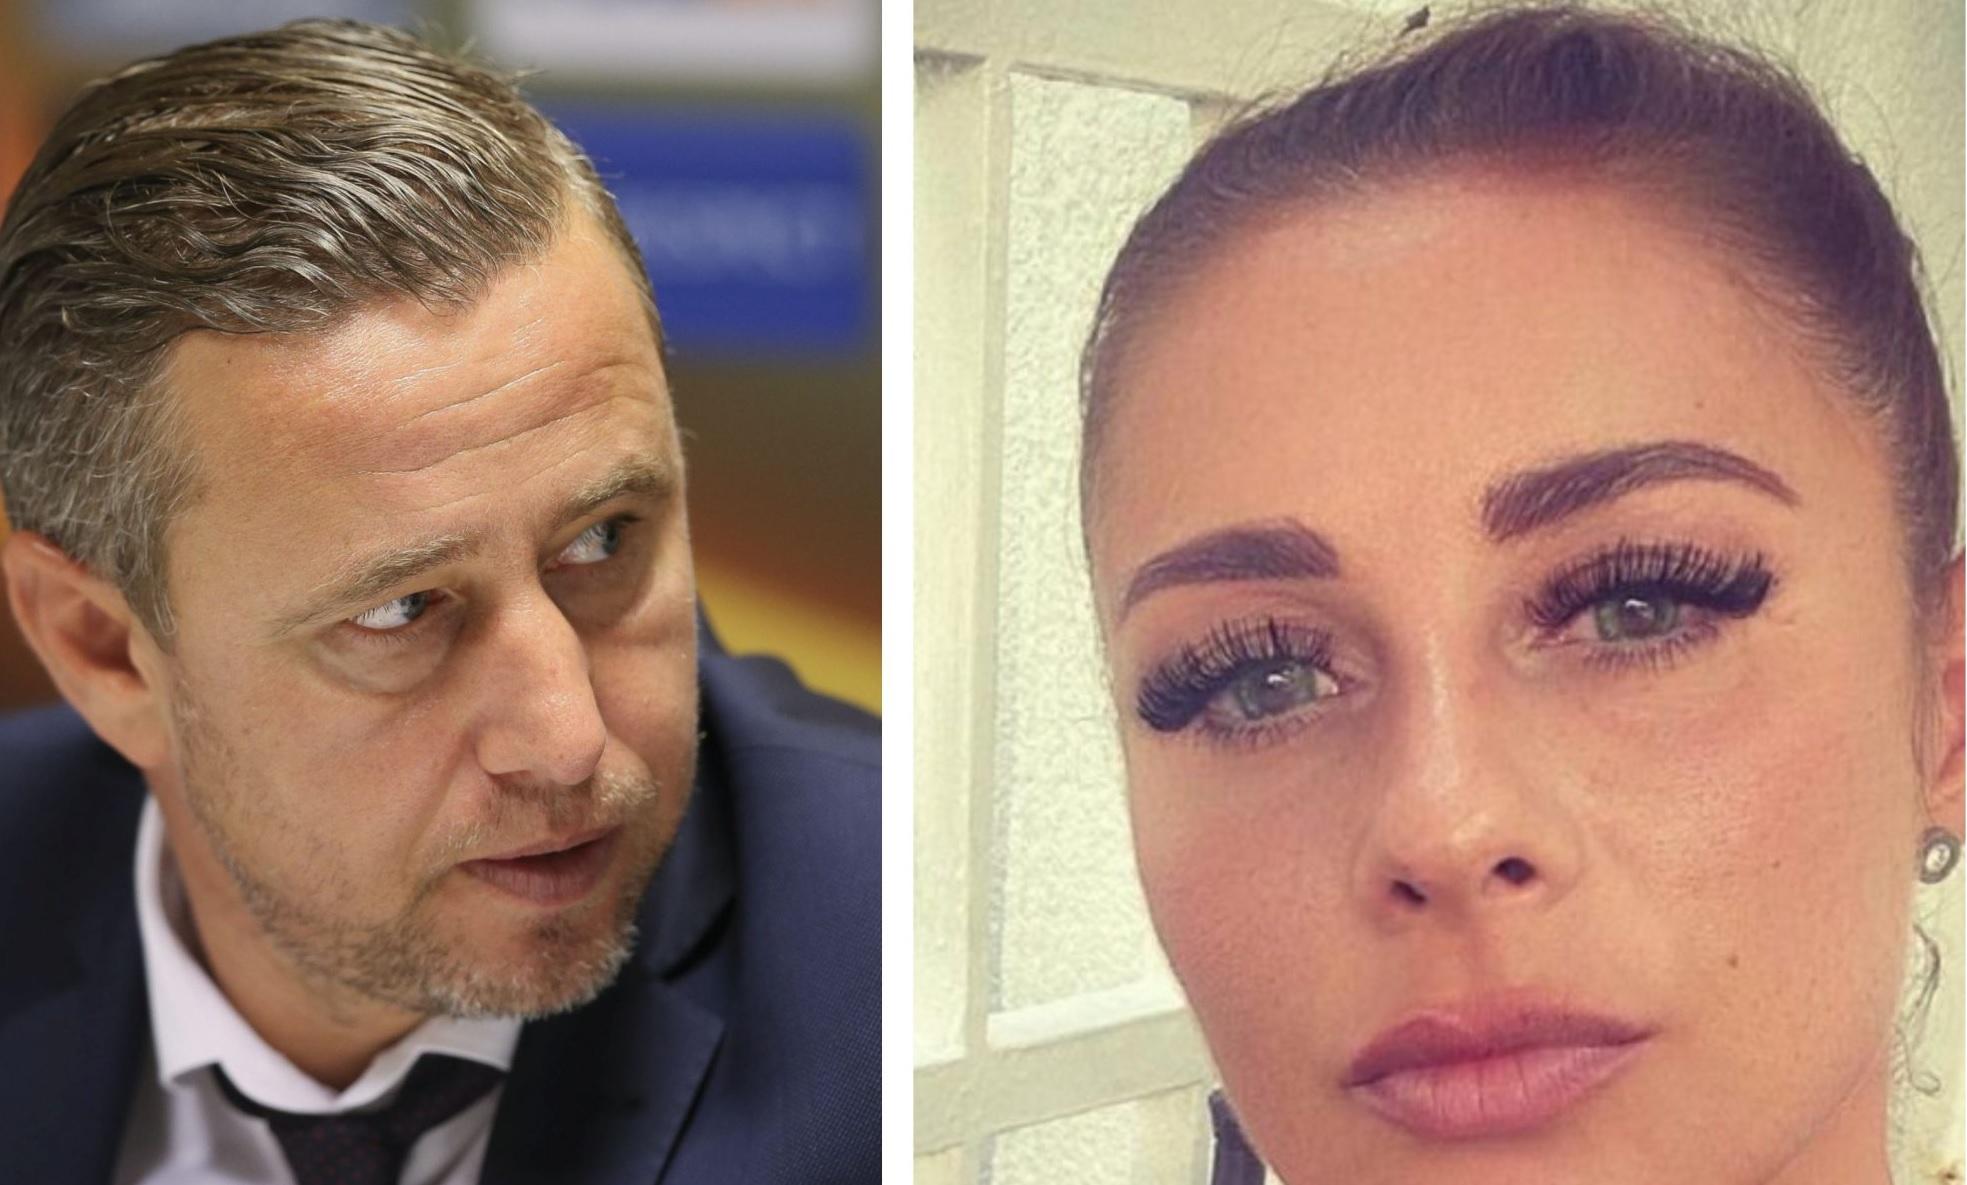 Umilinţă totală pentru Laurenţiu Reghecampf după ce s-ar fi distrat cu o altă femeie în Grecia